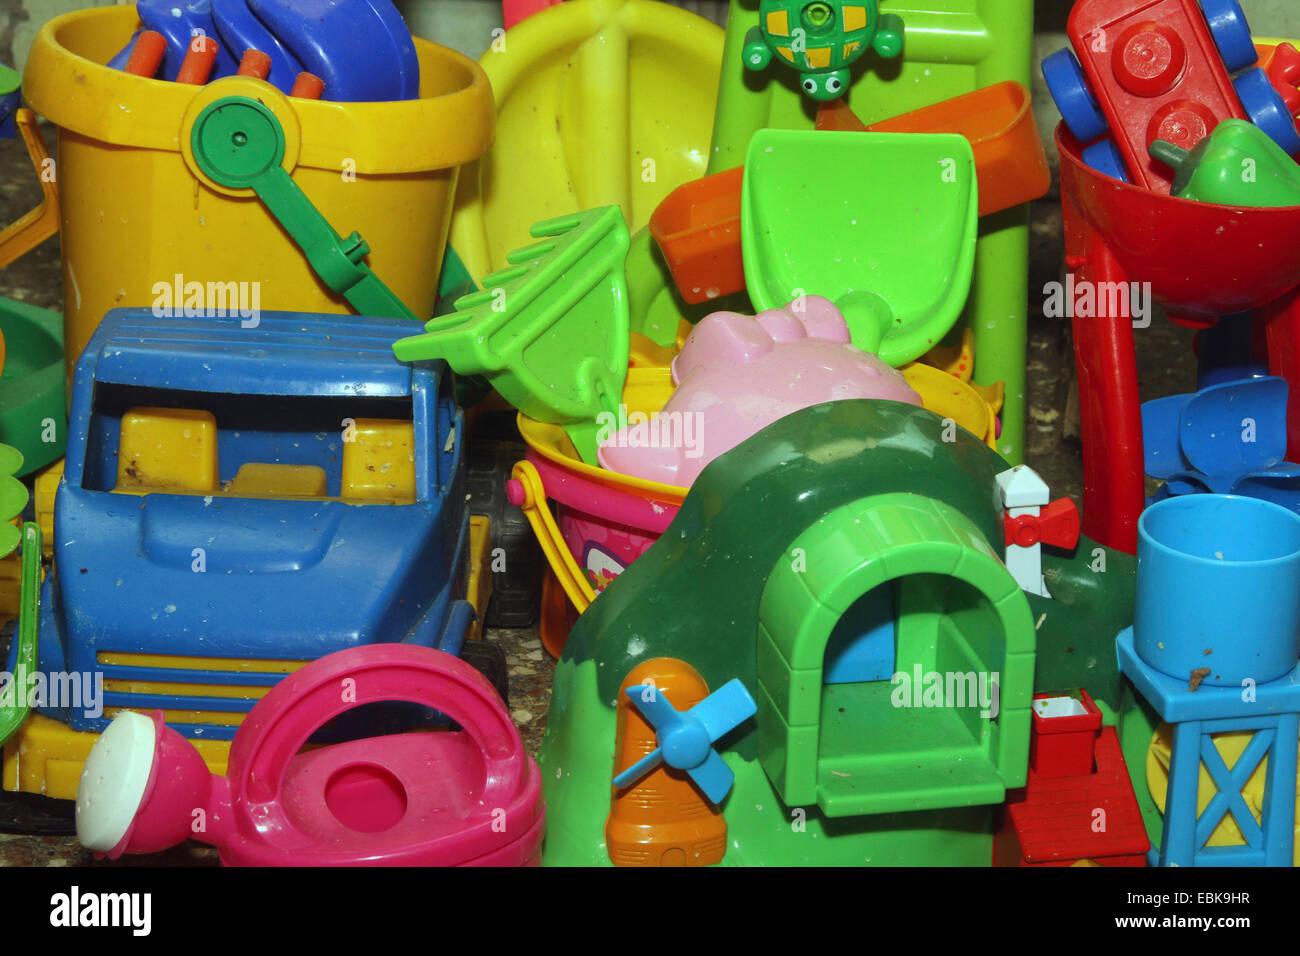 Juguetes De Culto Fotos e Imágenes de stock Alamy